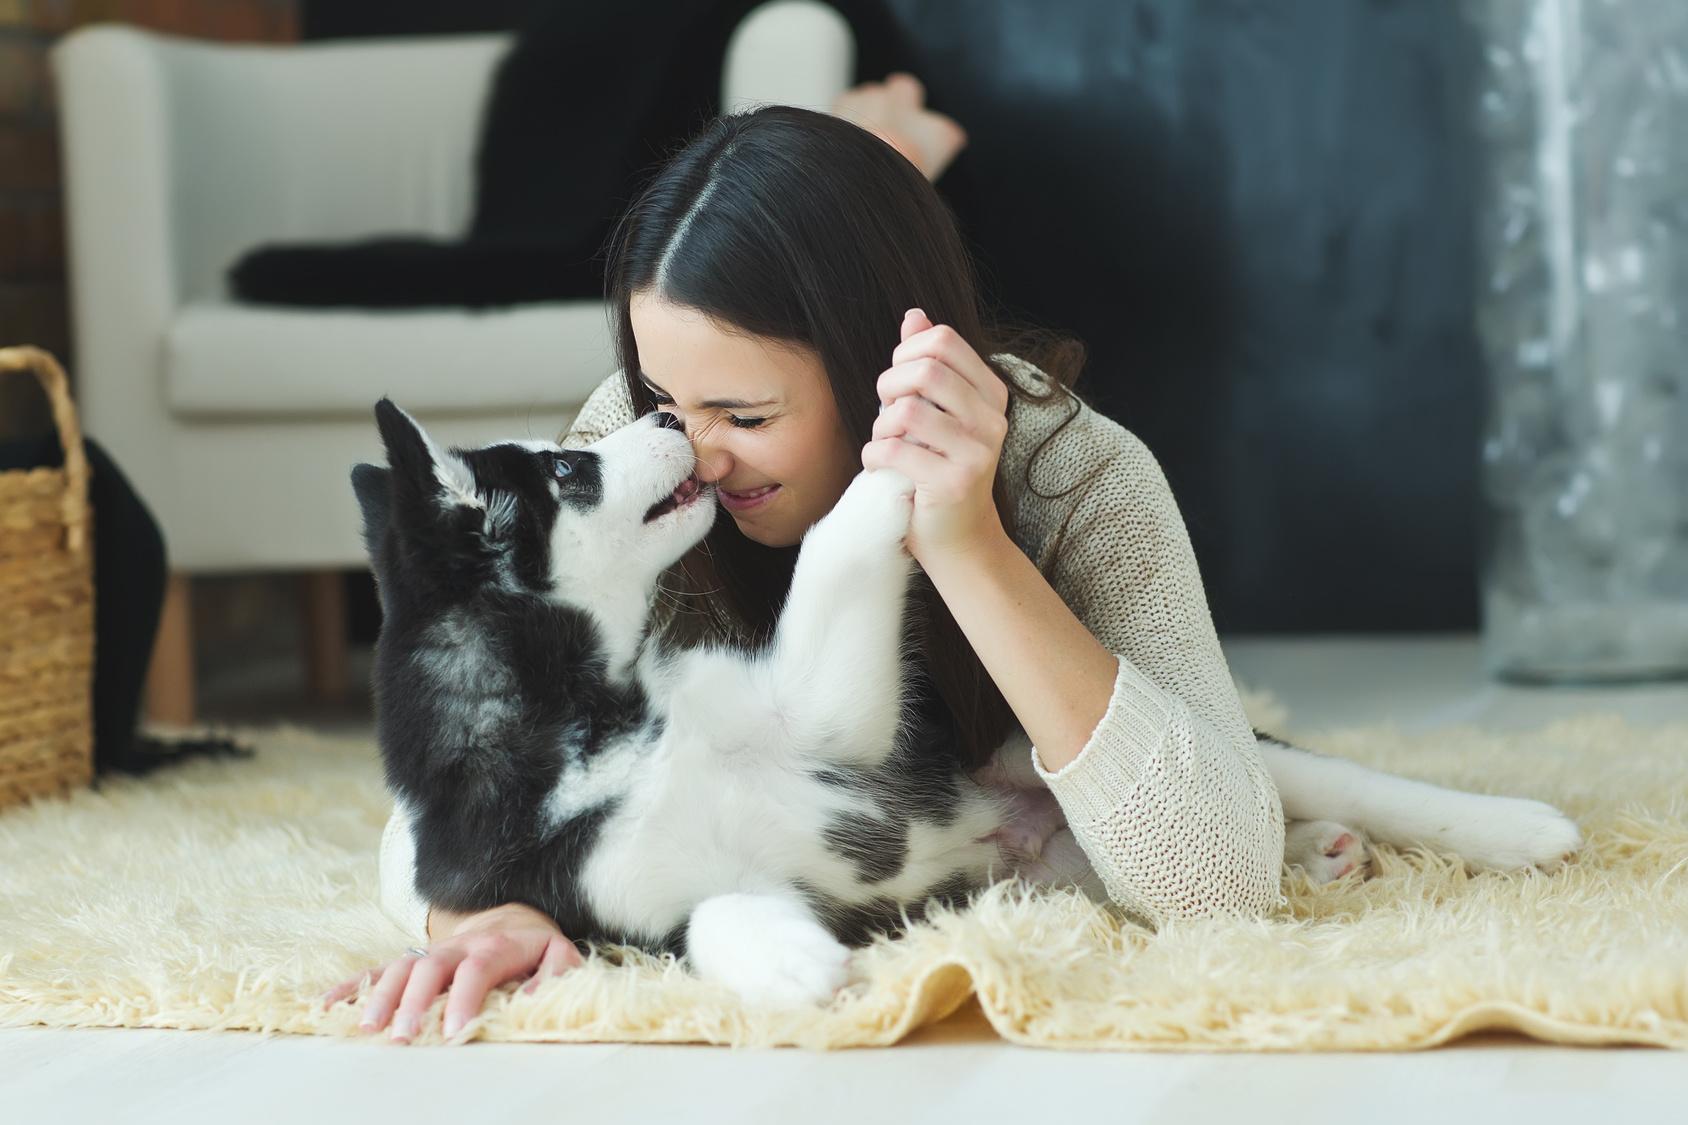 【東京都内】猫カフェだけじゃない!犬と触れ合える「犬カフェ」が人気!